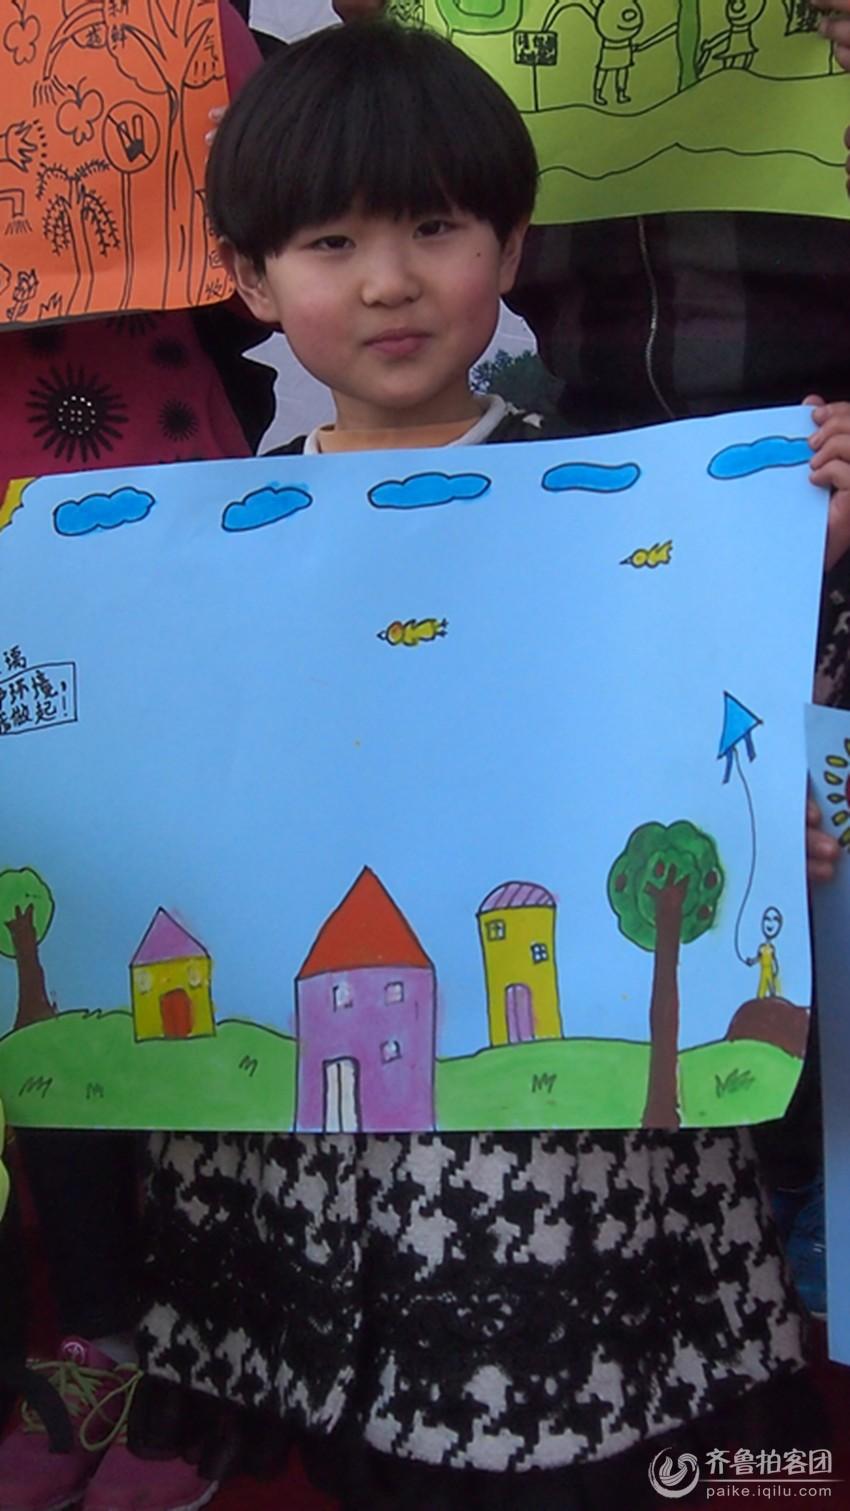 十下十下幼儿园中班画画课最棒的语句活动目标:1,学会制作方法,发展